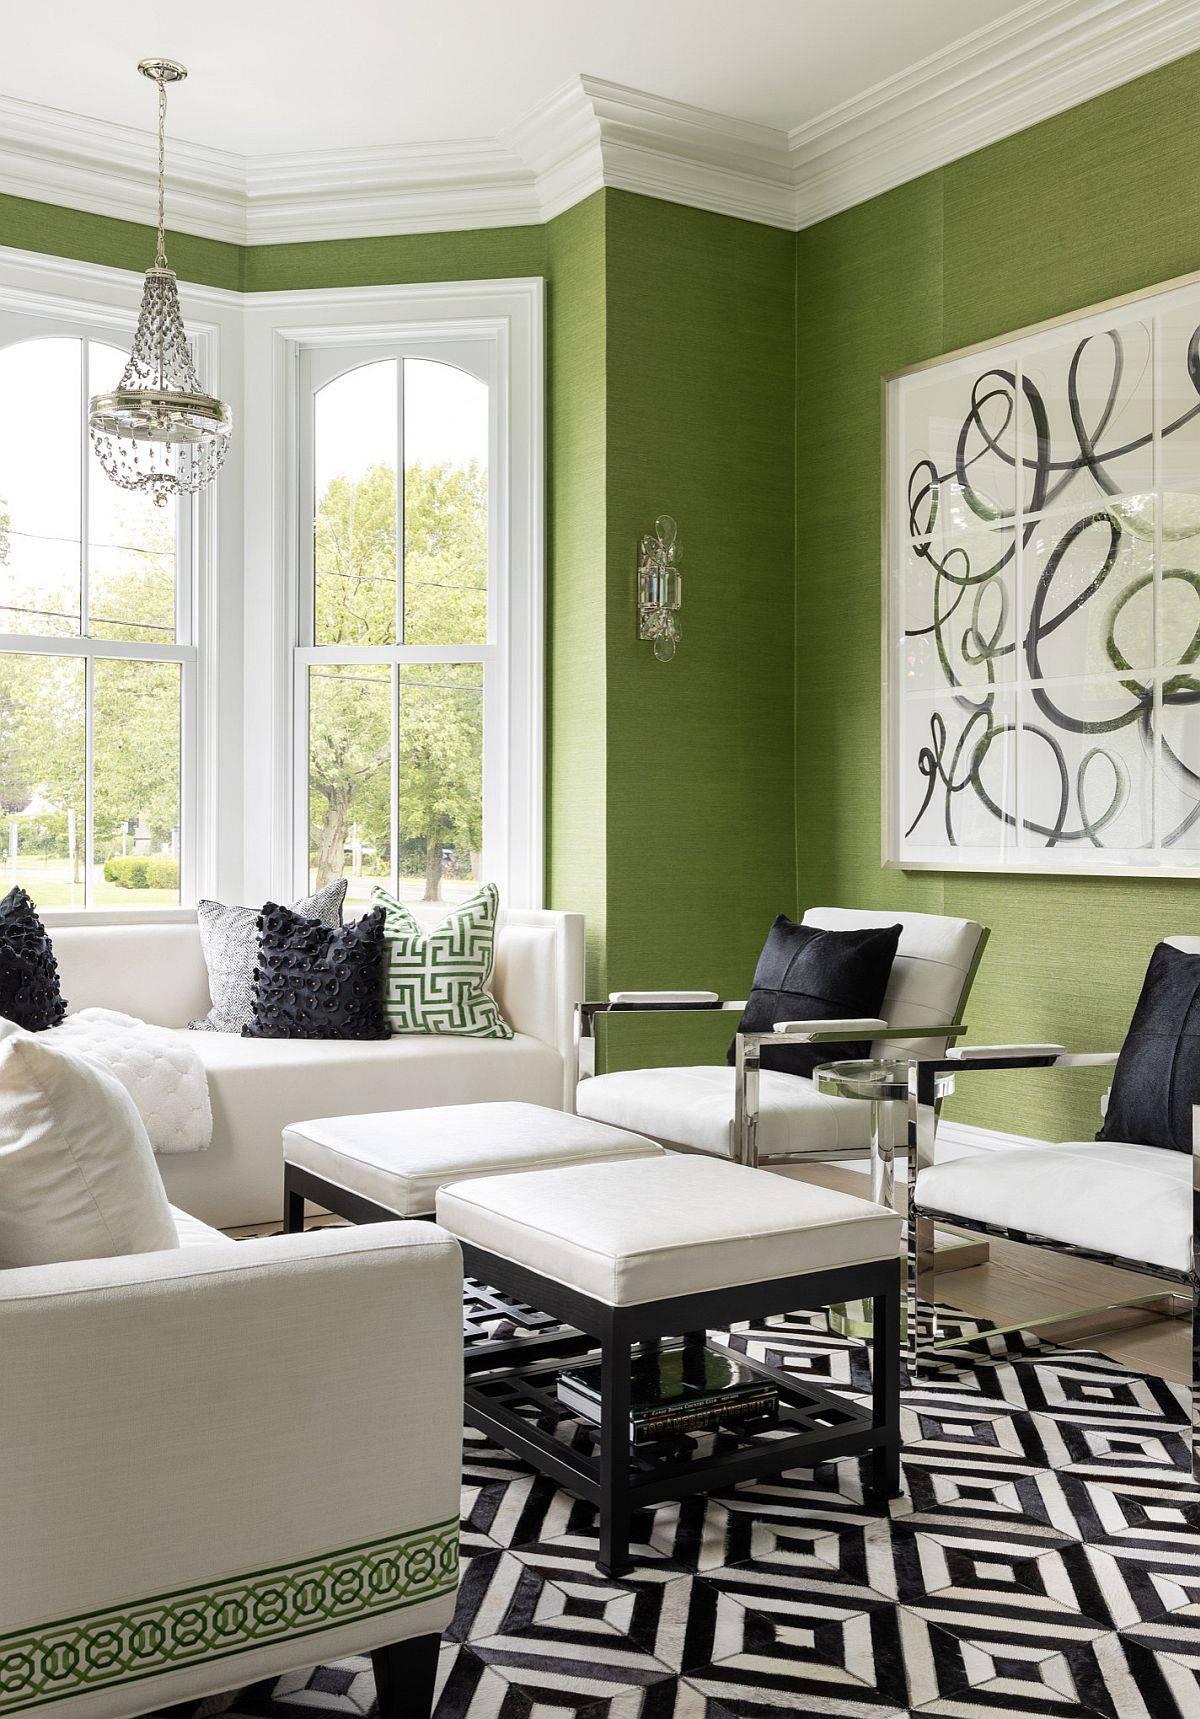 Giấy dán tường  màu xanh lá cây cho phòng khách rộng rãi với các chi tiết trang trí màu trắng